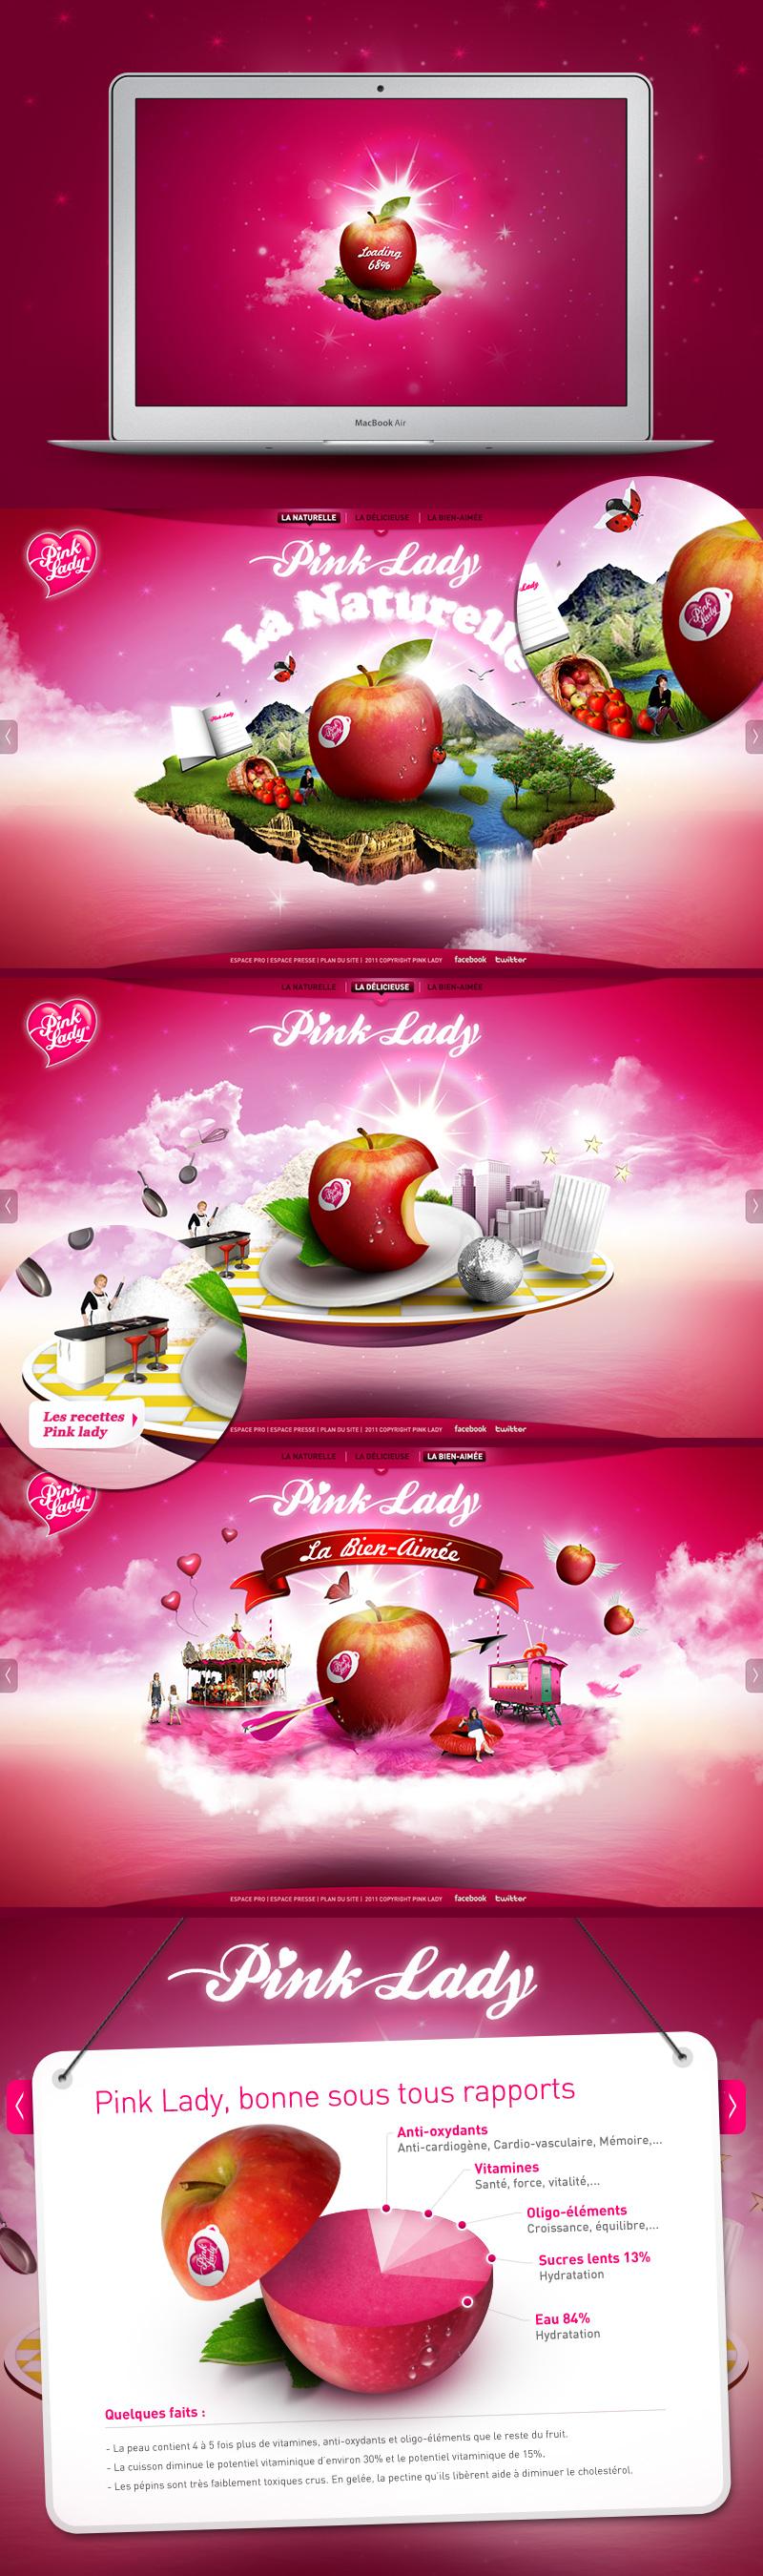 Directeur artistique freelance Portfolio Paris - Pink Lady